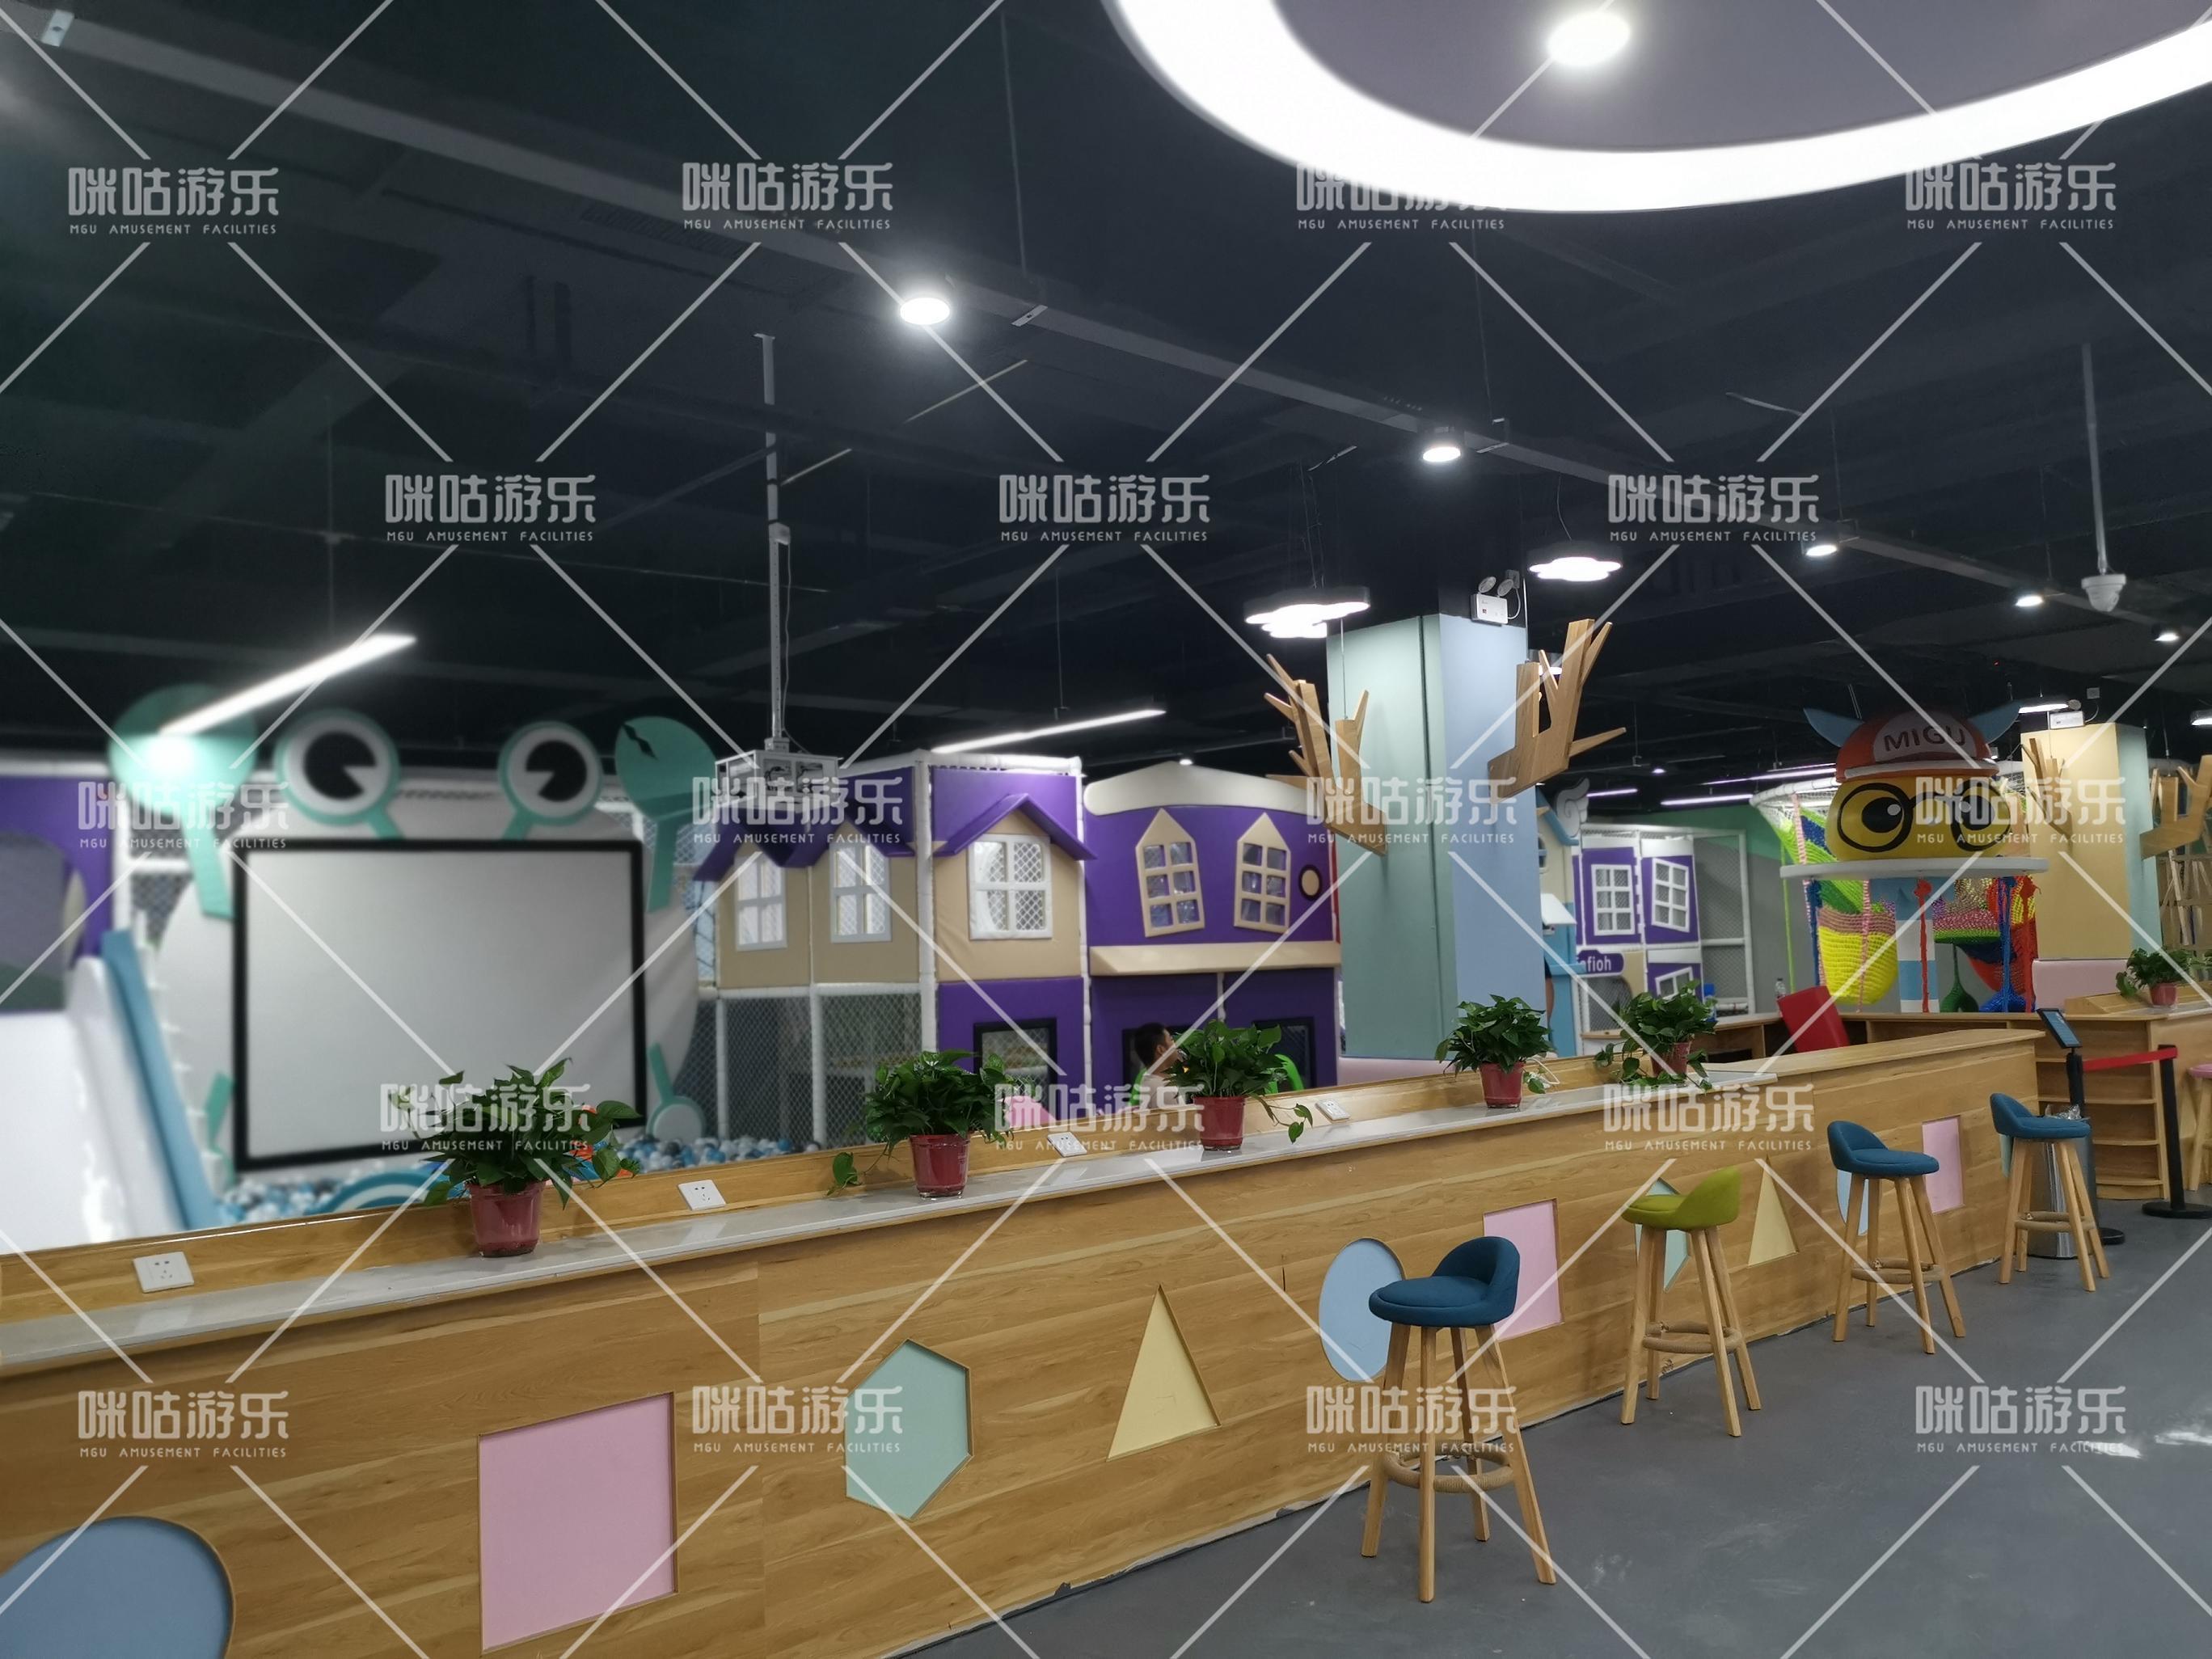 微信图片_20200429155902.jpg 武威儿童乐园加盟优势 加盟资讯 游乐设备第3张